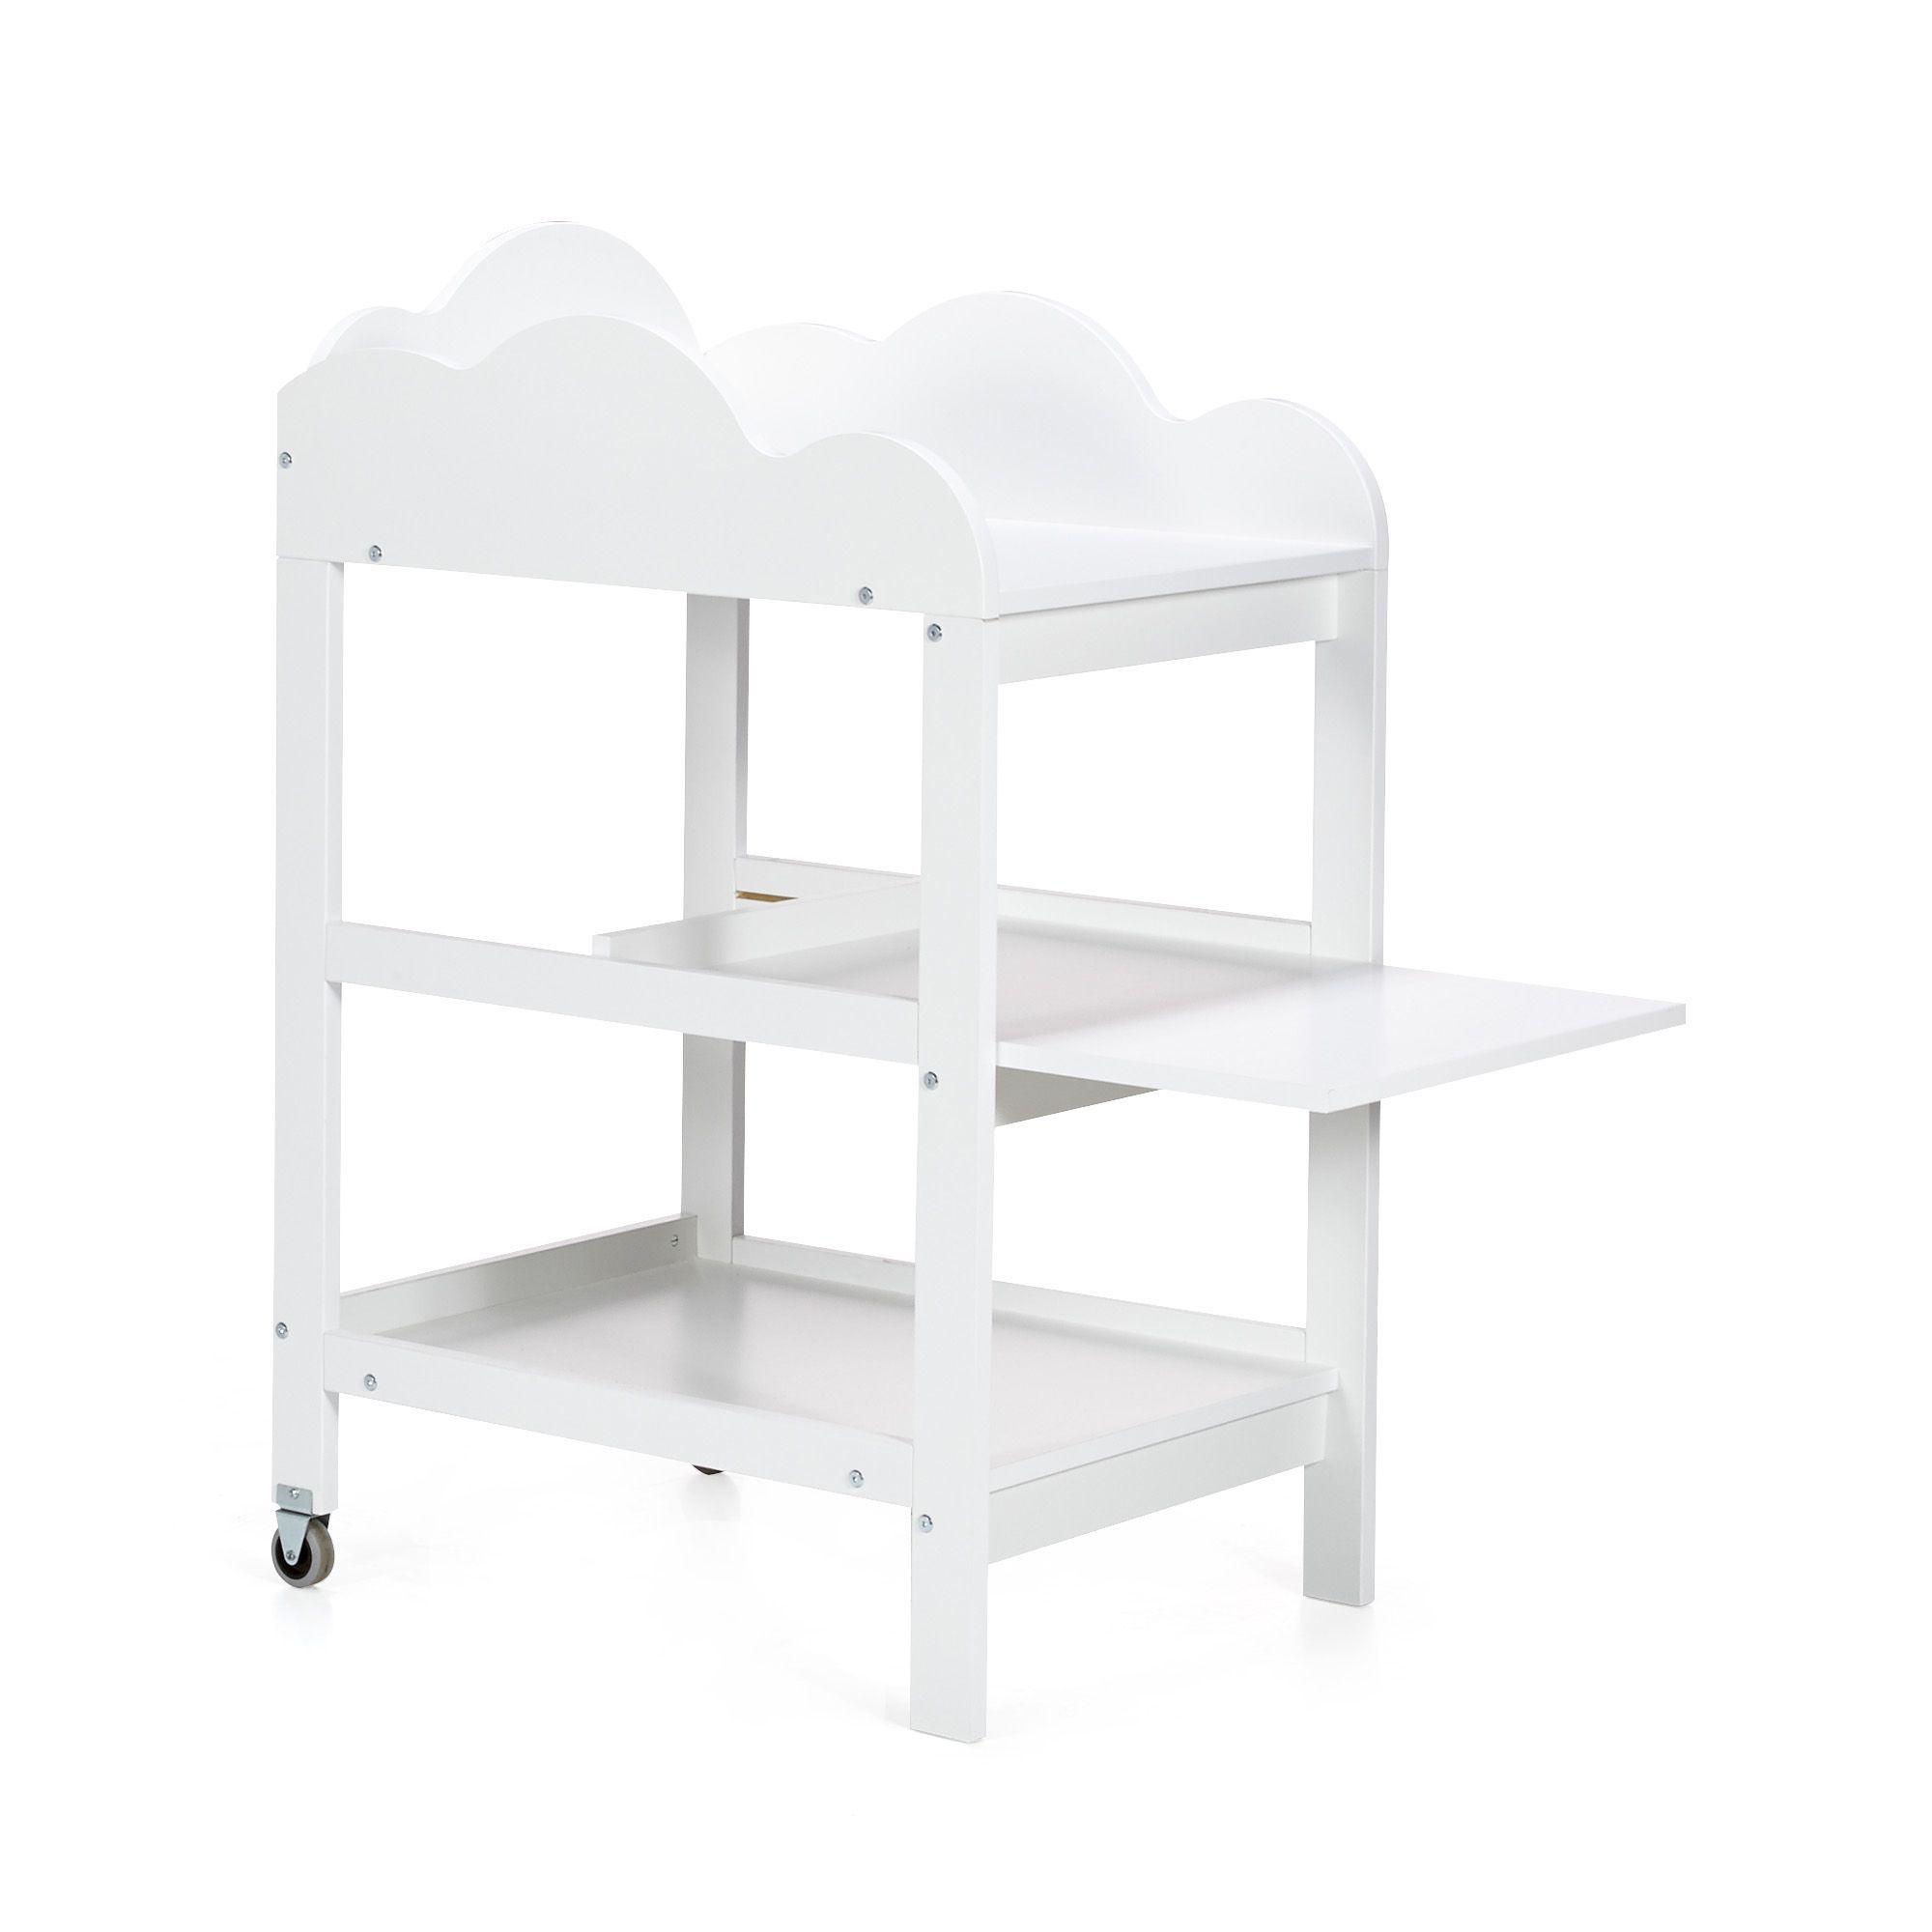 Nuage - Tables, Plans à langer-Meubles pour chambre enfant Table à ...